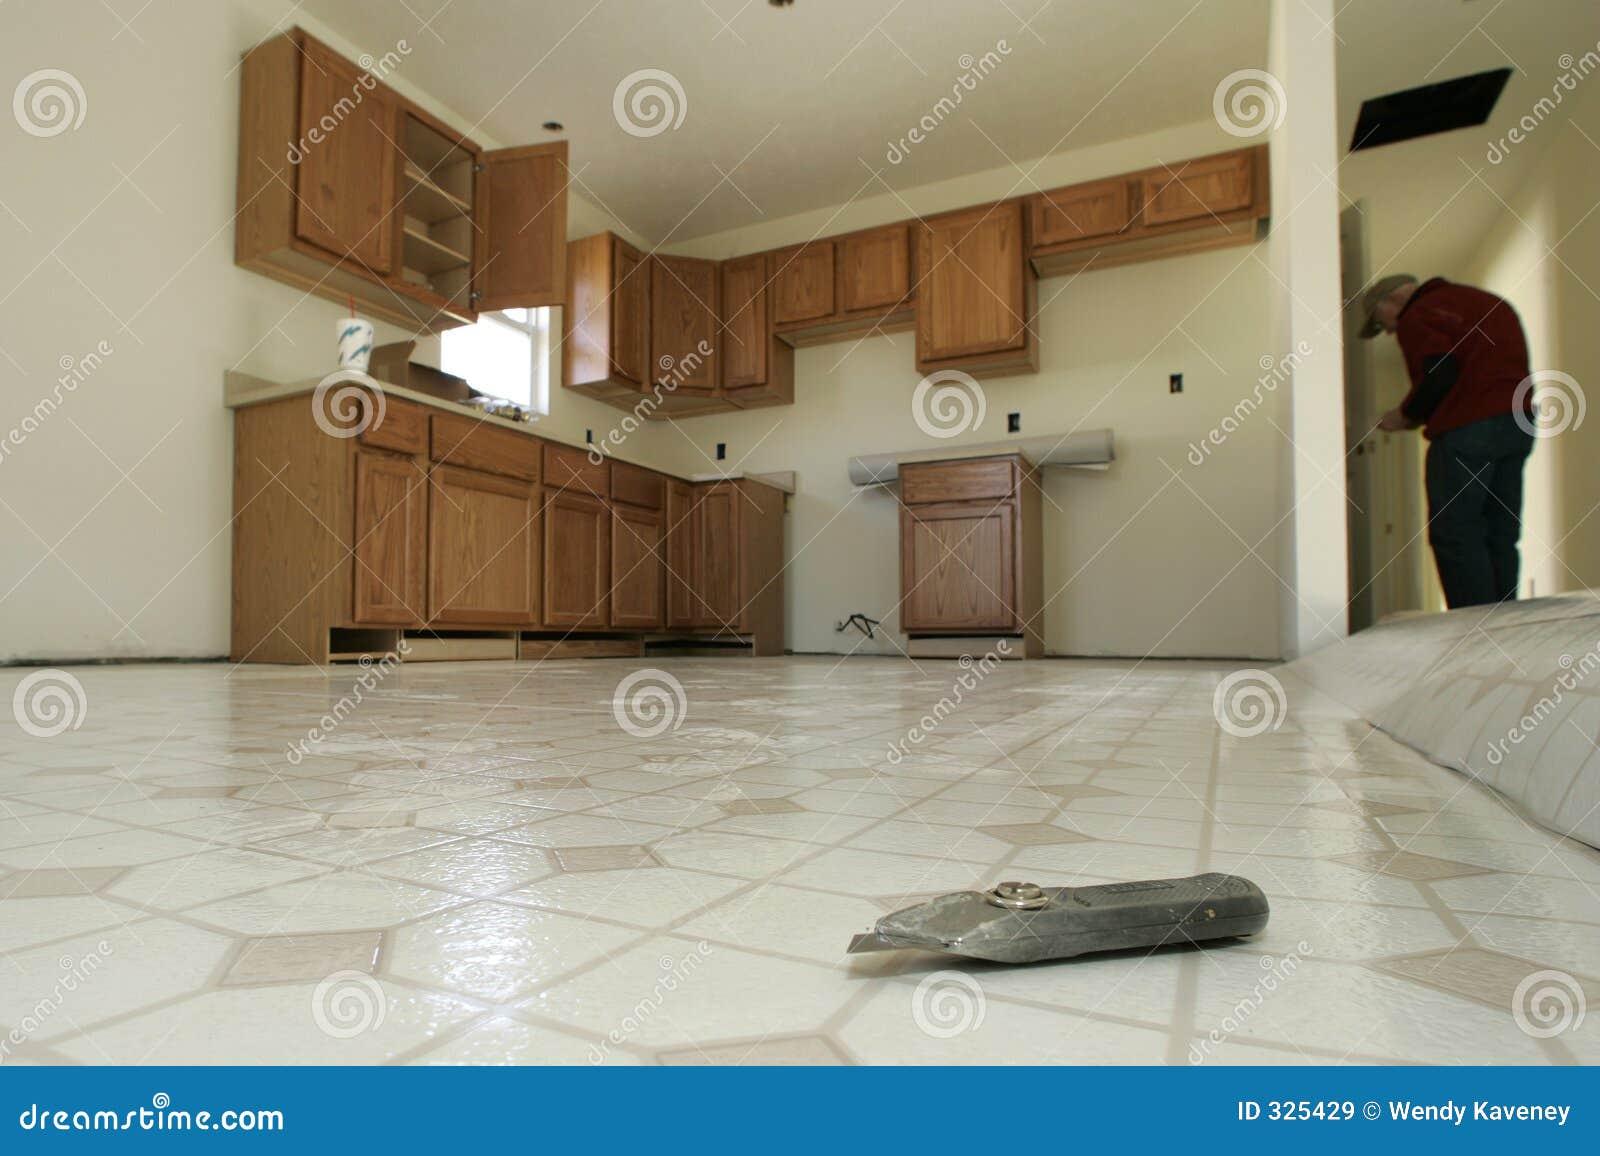 Installazione del pavimento della cucina immagini stock - Pavimento per cucina ...